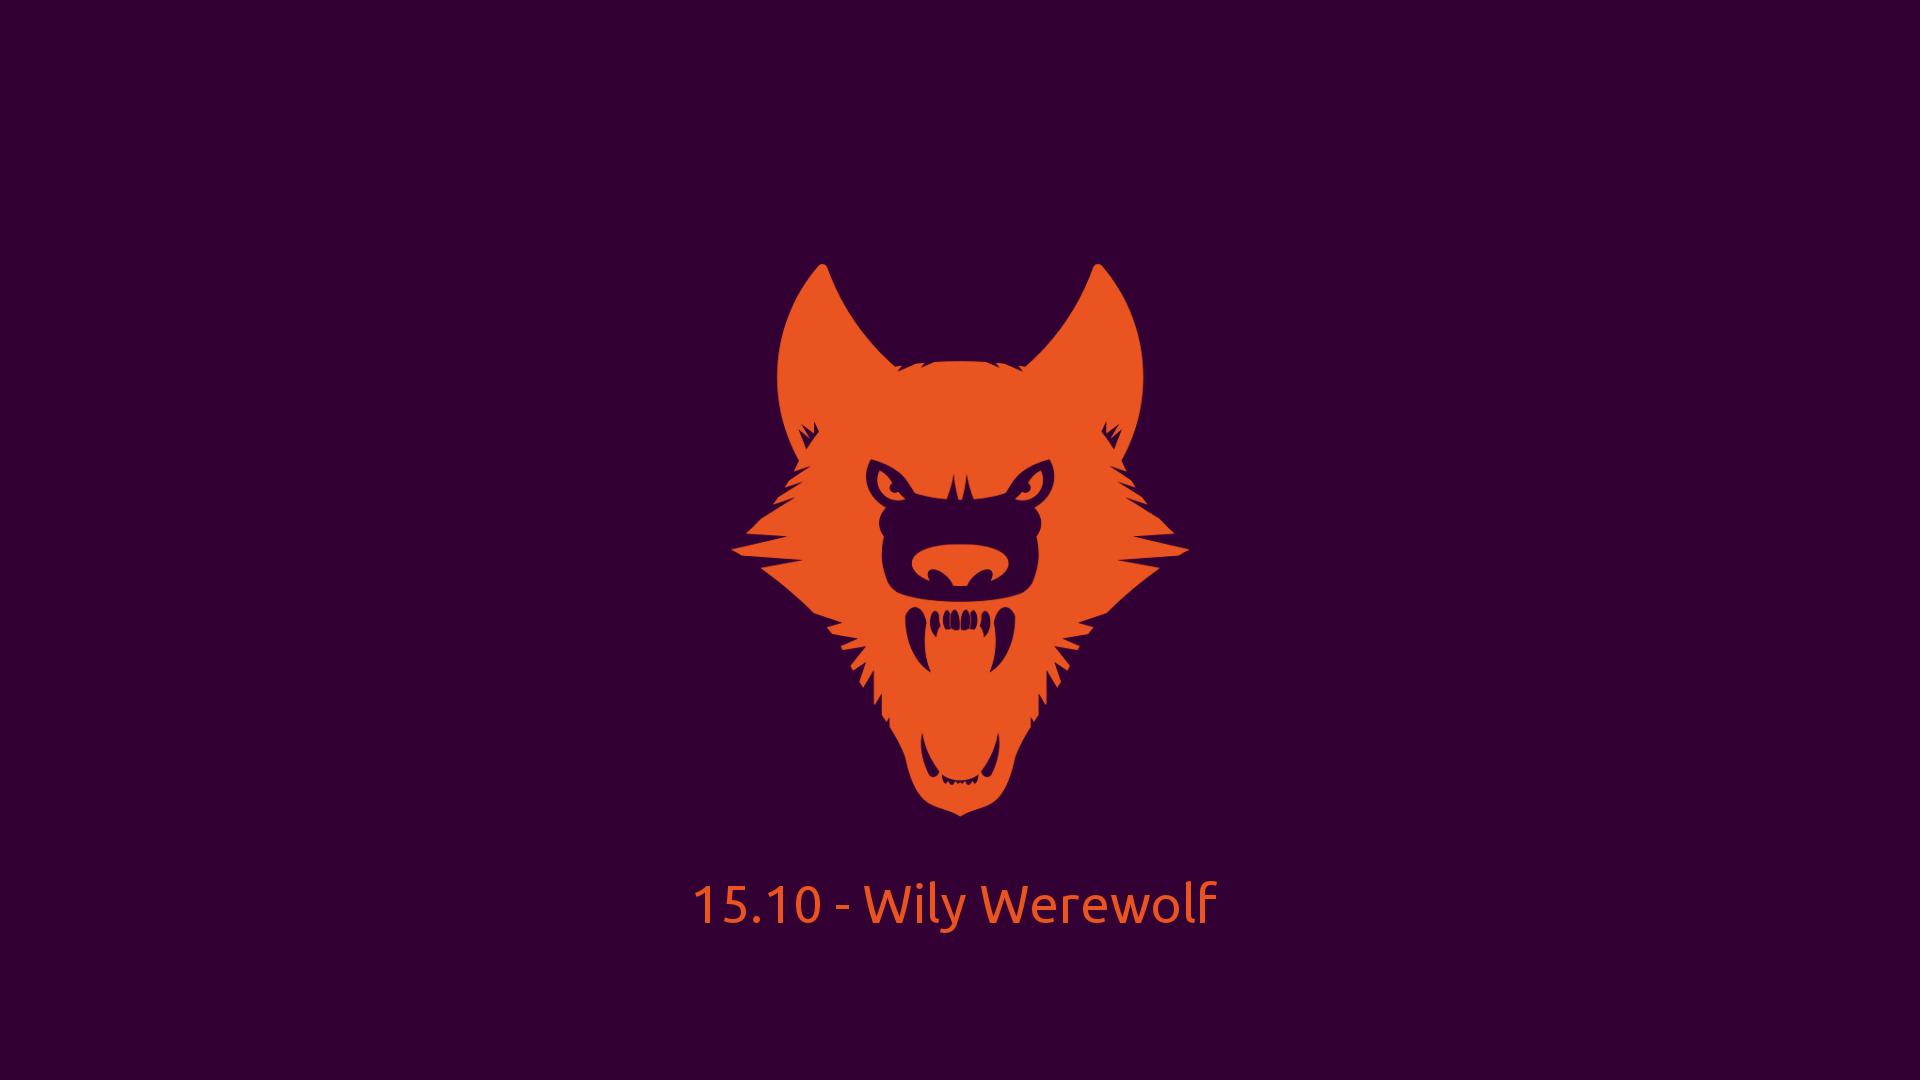 wily werewolf